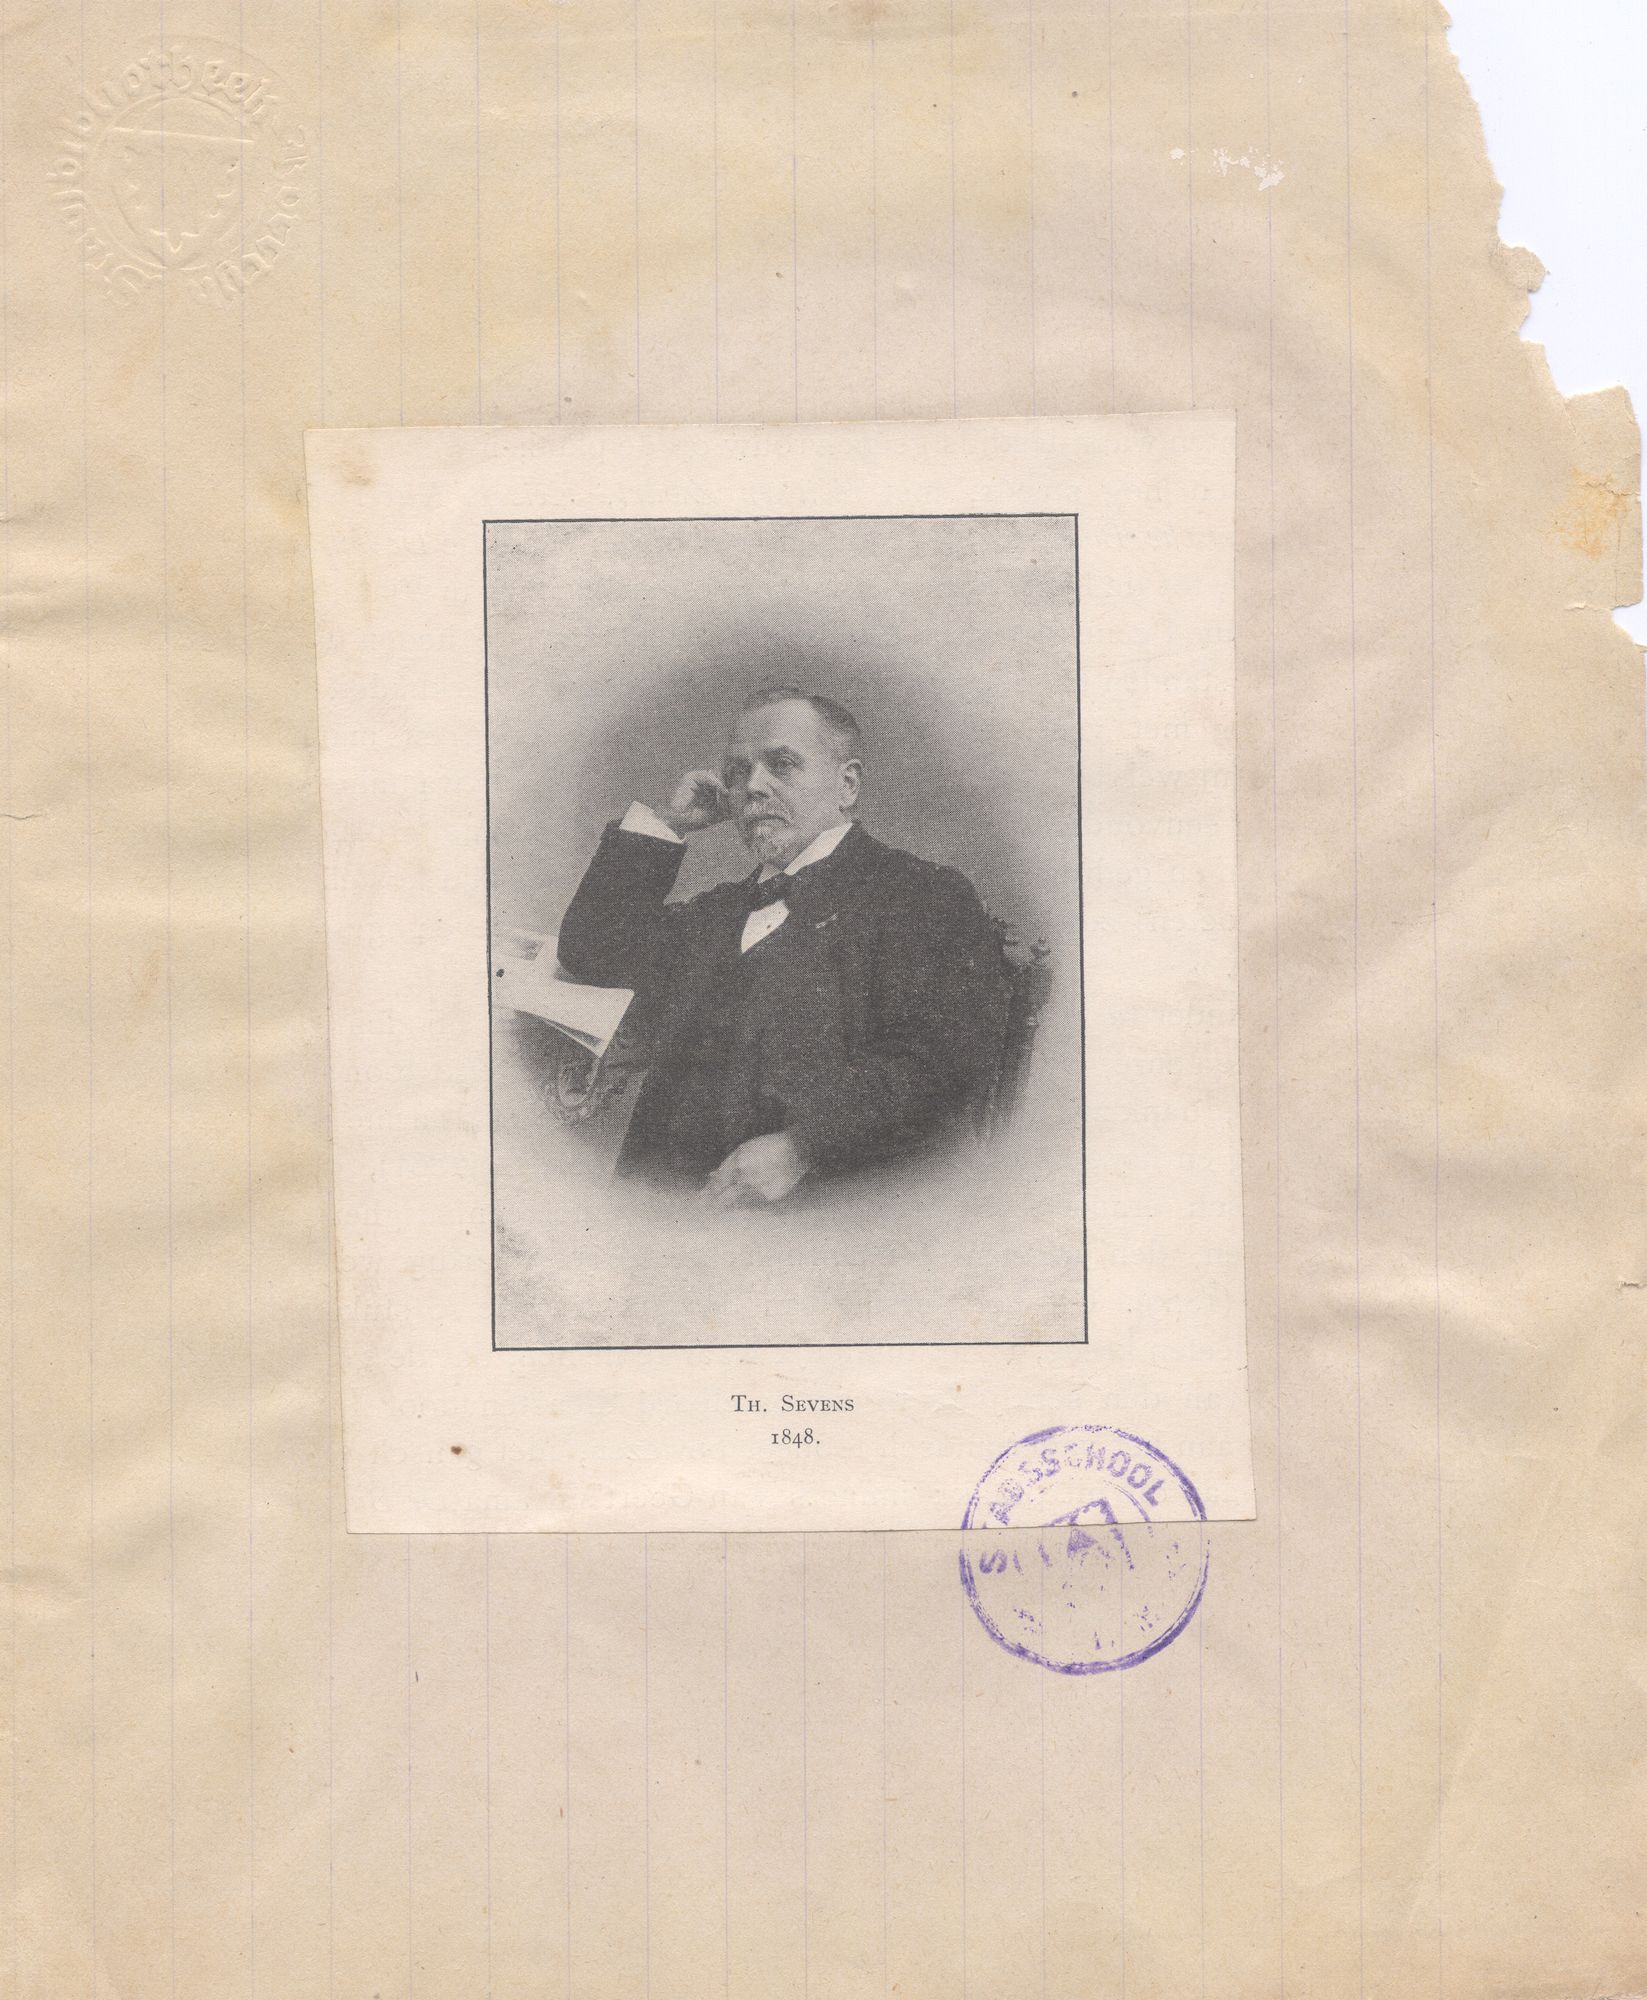 Theodor Sevens